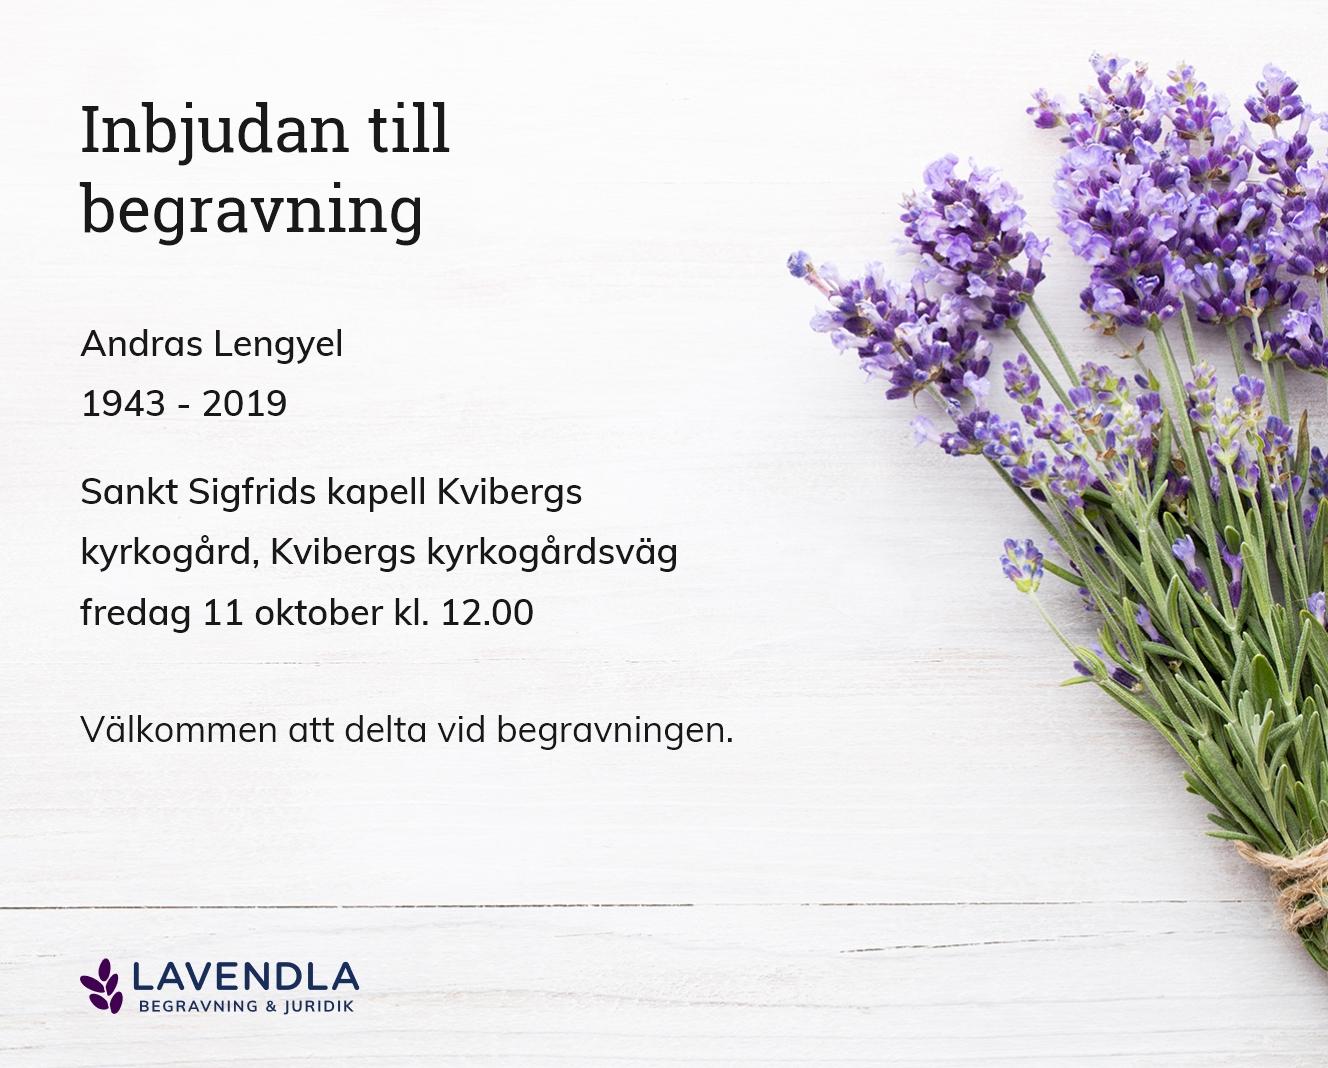 Inbjudningskort till ceremonin för Andras Lengyel